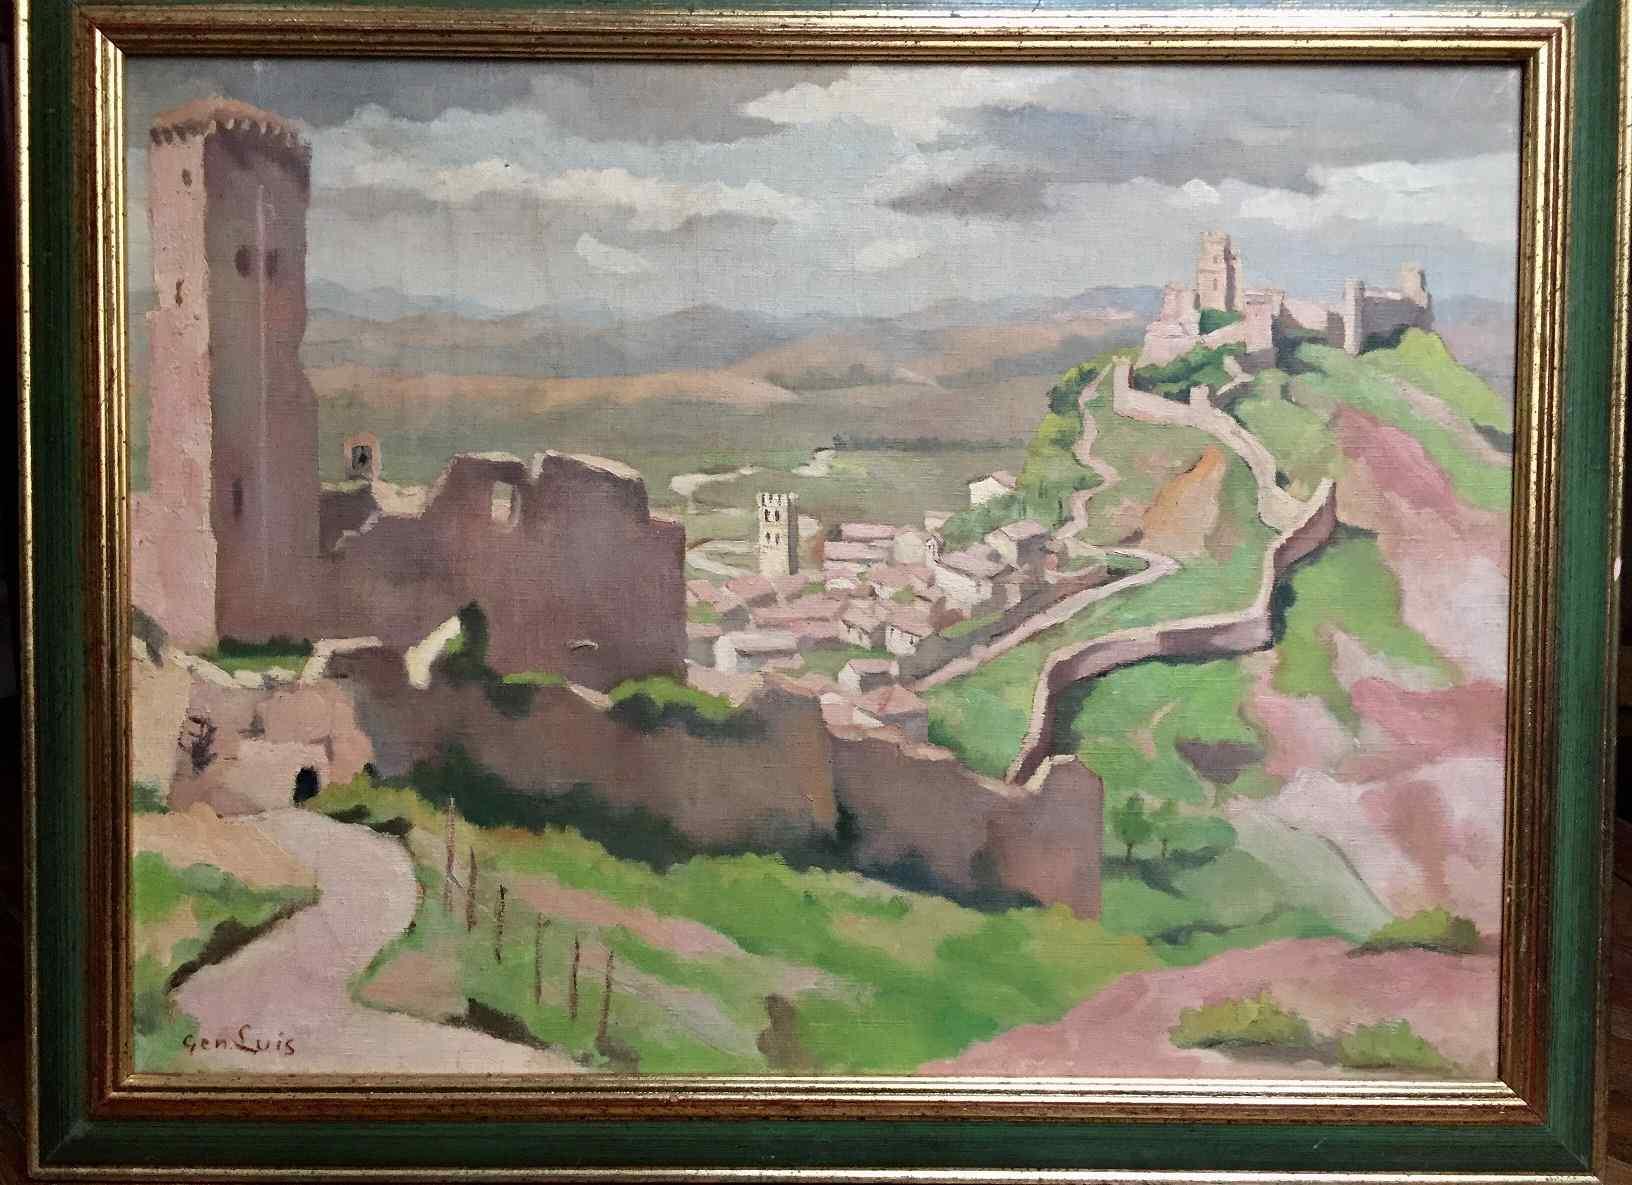 Paesaggio di Assisi chiamato GEN-Geneviève LUIS LUIS